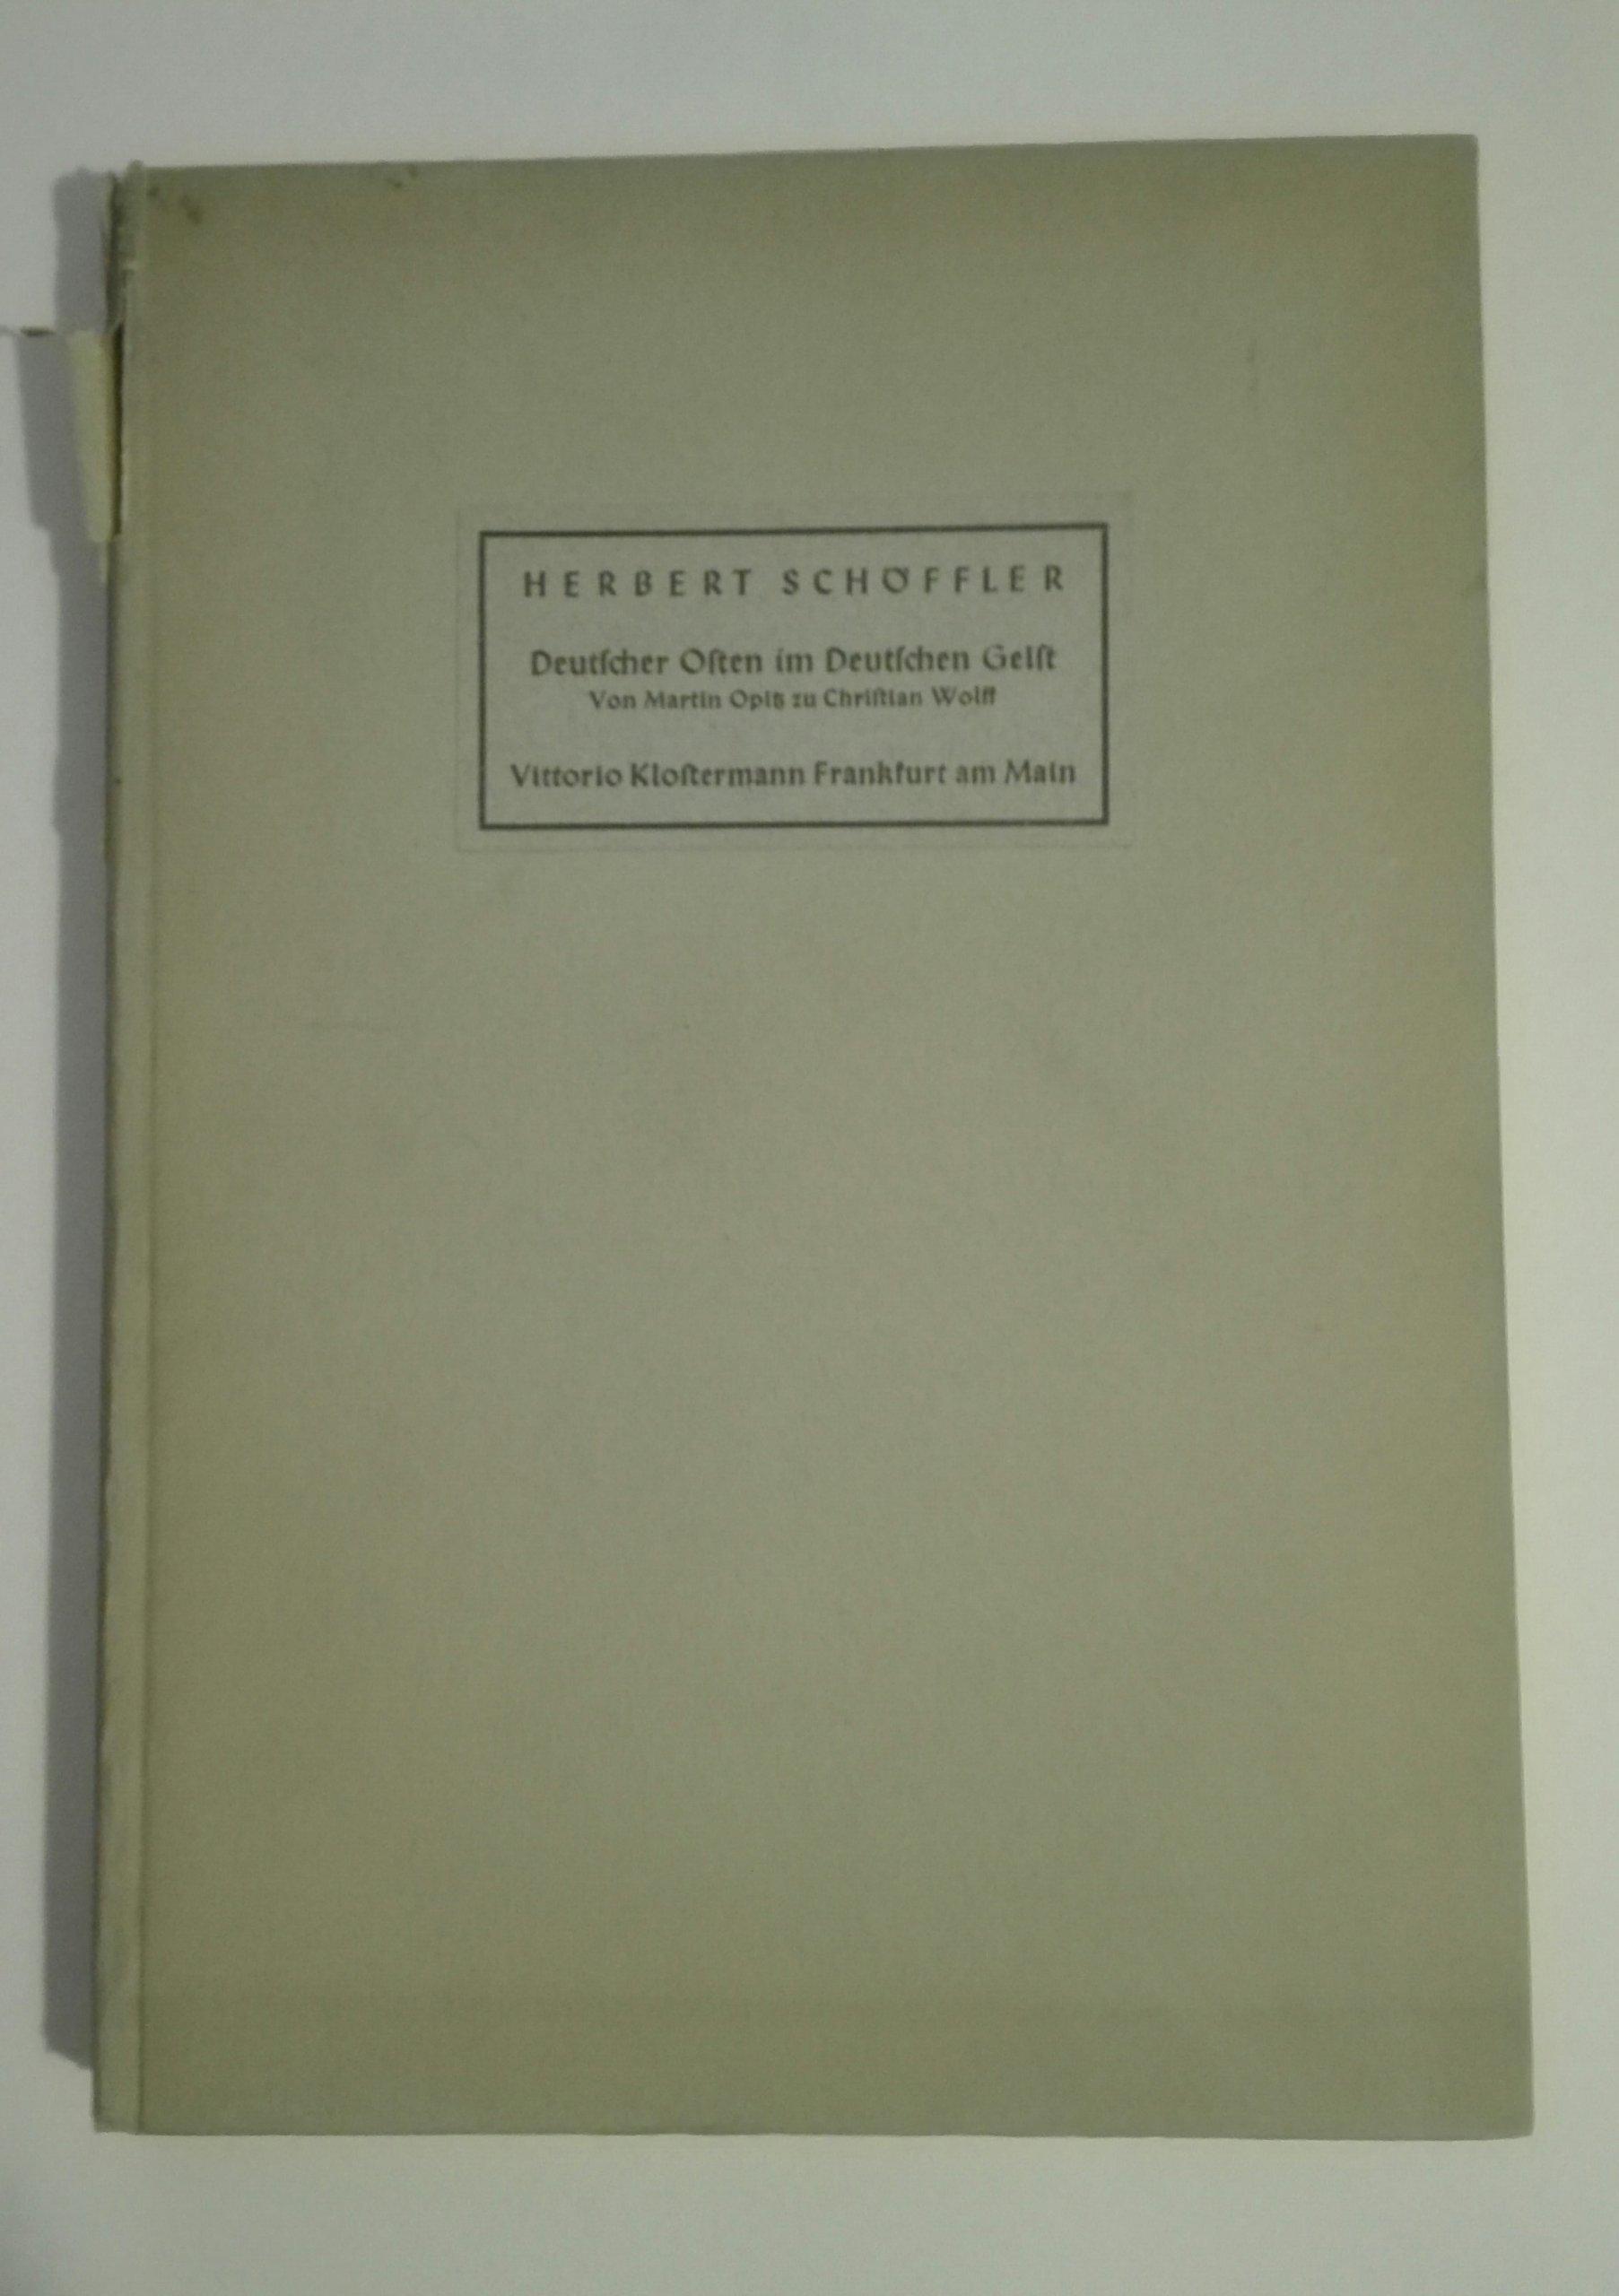 Deutscher Osten im Deutschen Geist Schoffler 1940